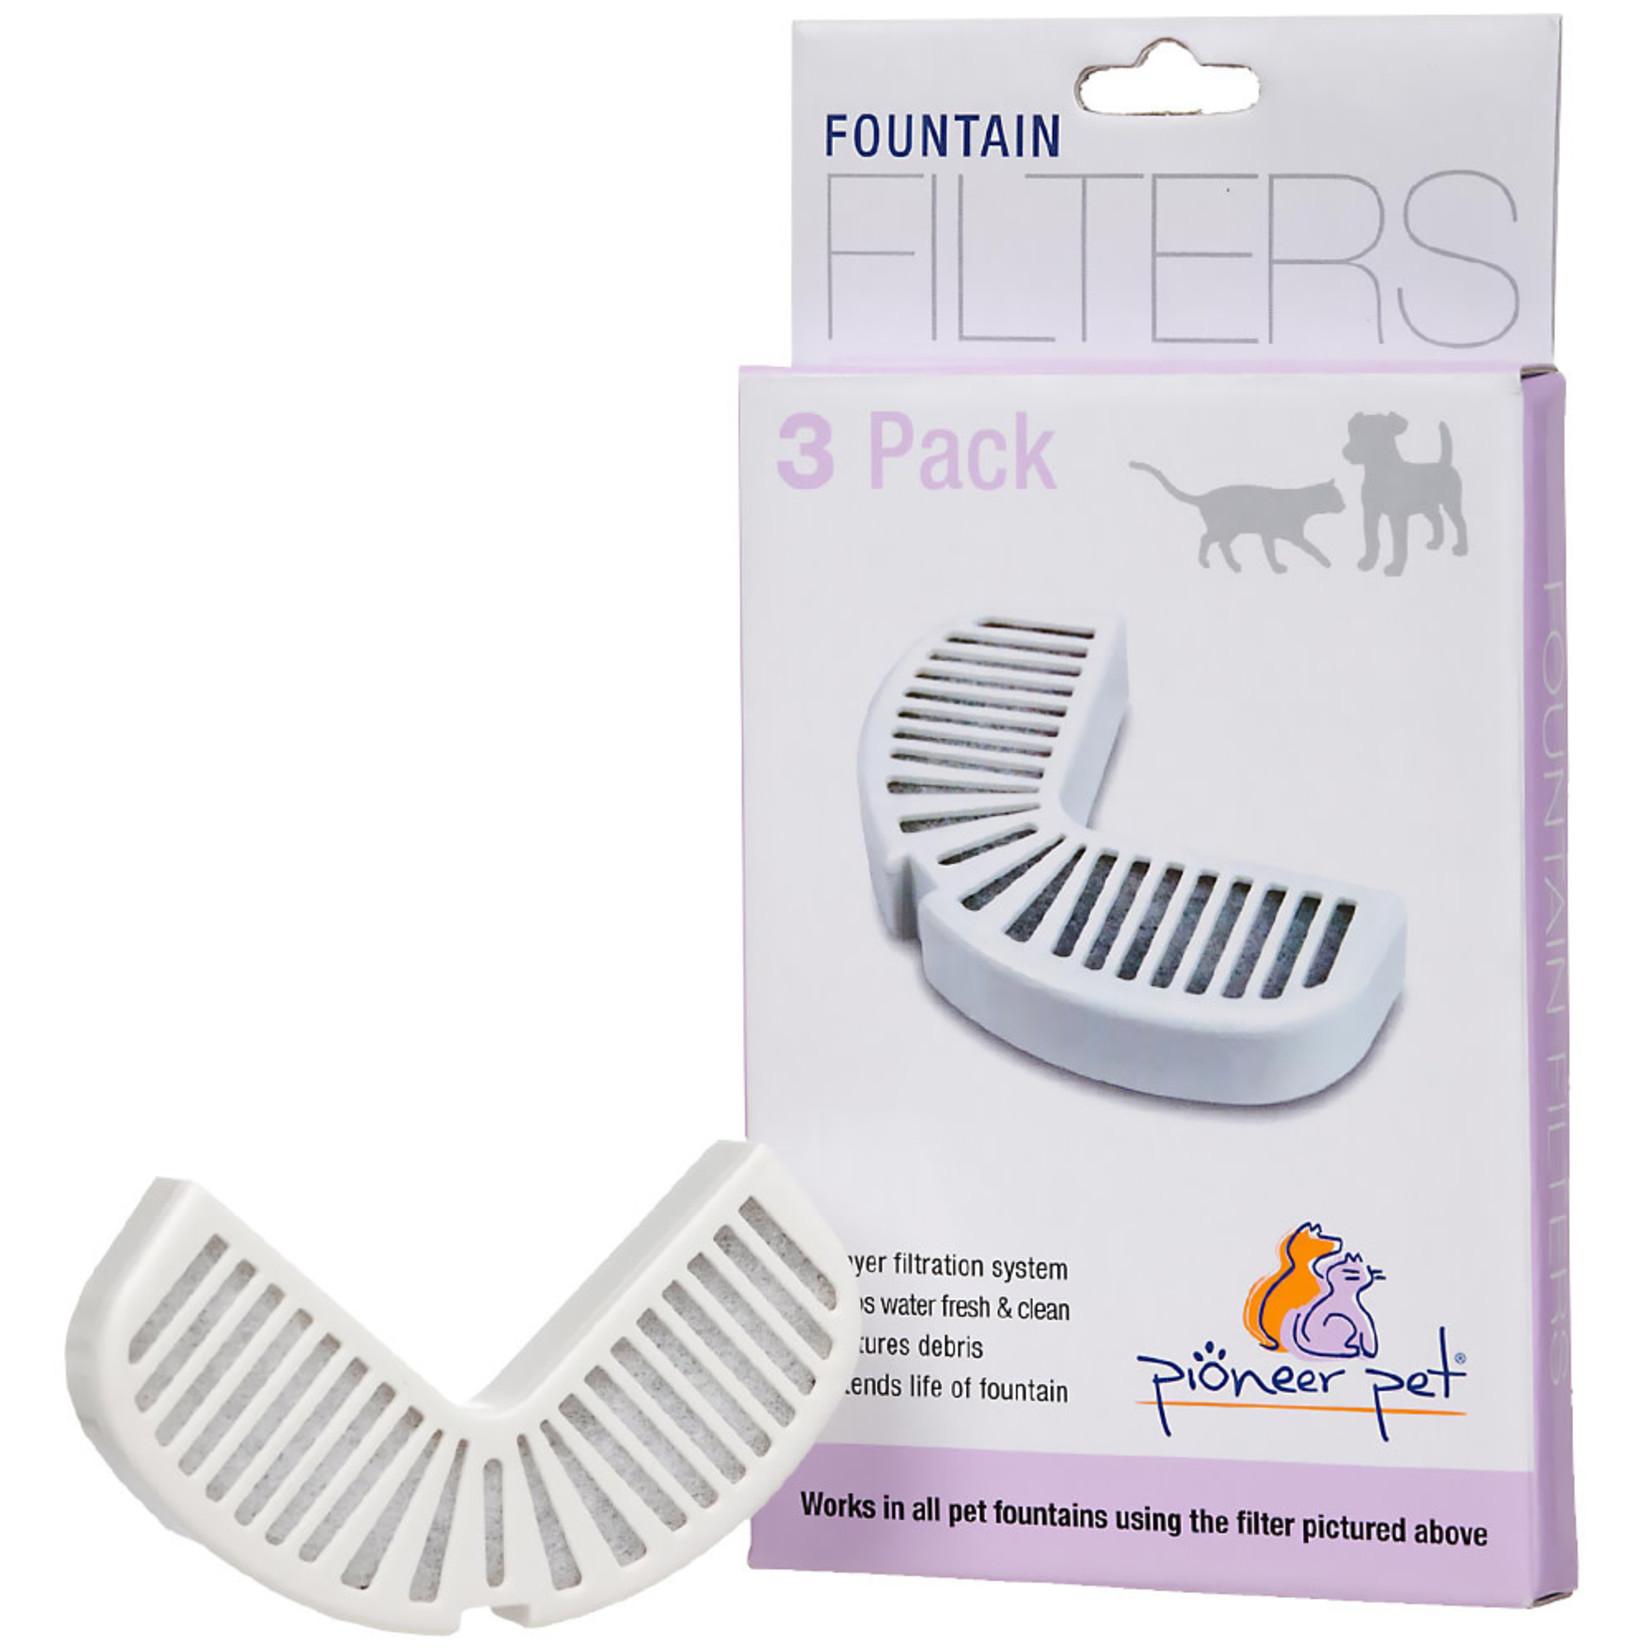 Pioneer Pet Pioneer Pet Fountain Filter 3 Pack